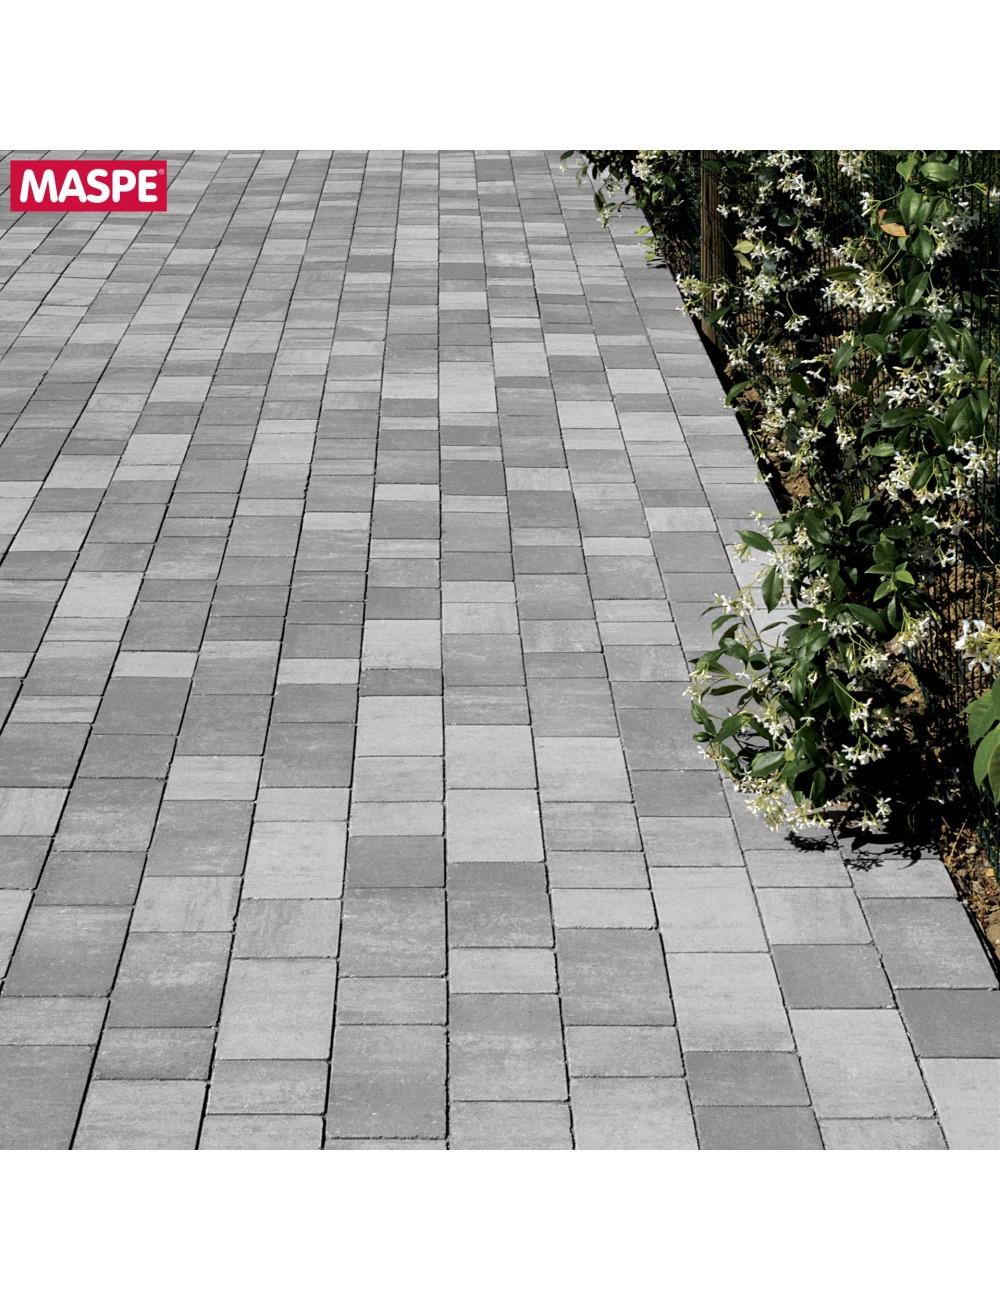 Autobloccanti pavimento da esterno  maspe matrix grigio argento